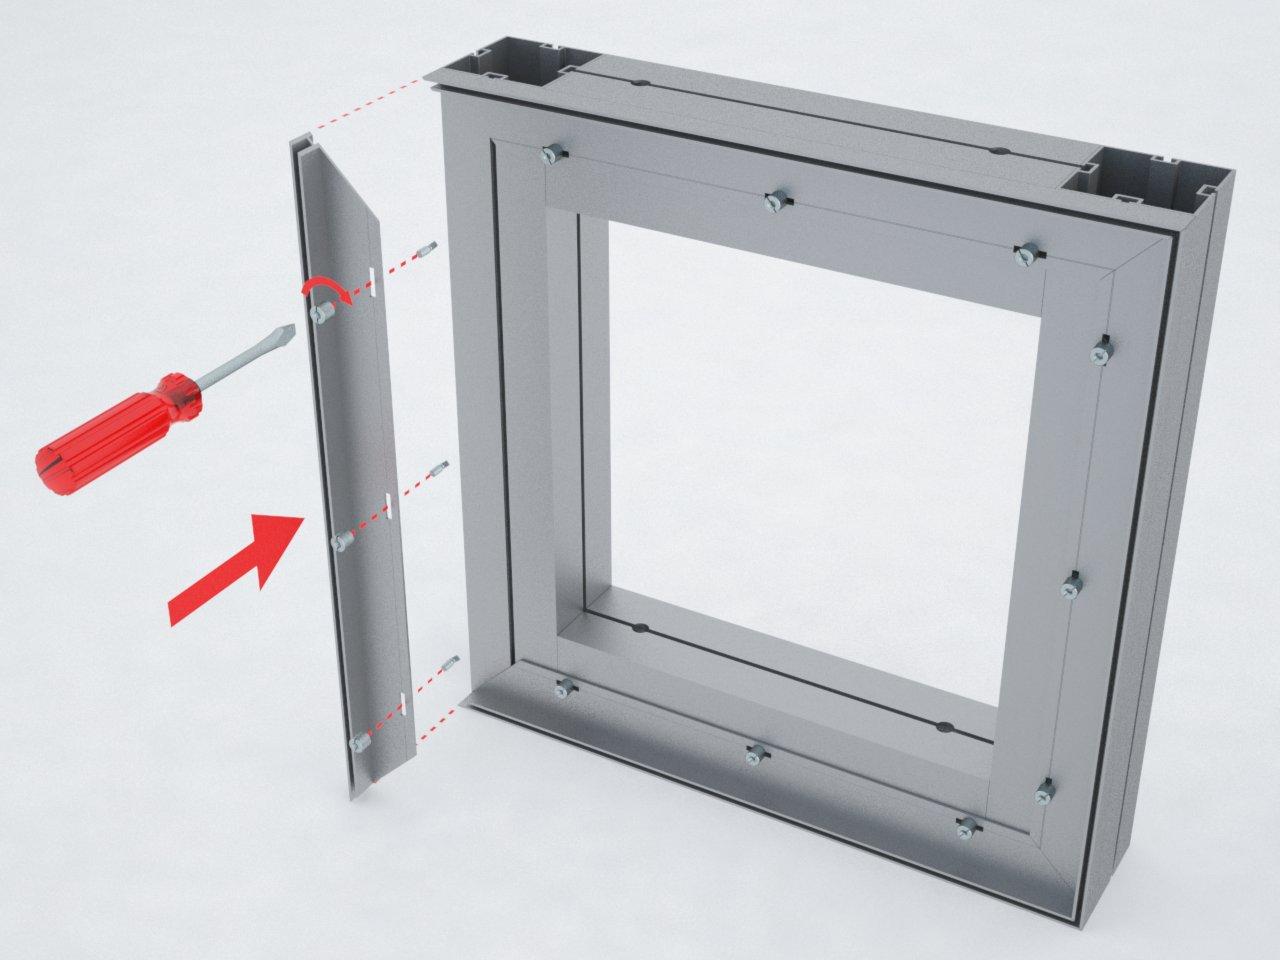 Estrutura de alumínio com perfis M2080 e H210 para esticar tecido ou lona em stands, divisórias, painéis, etc.